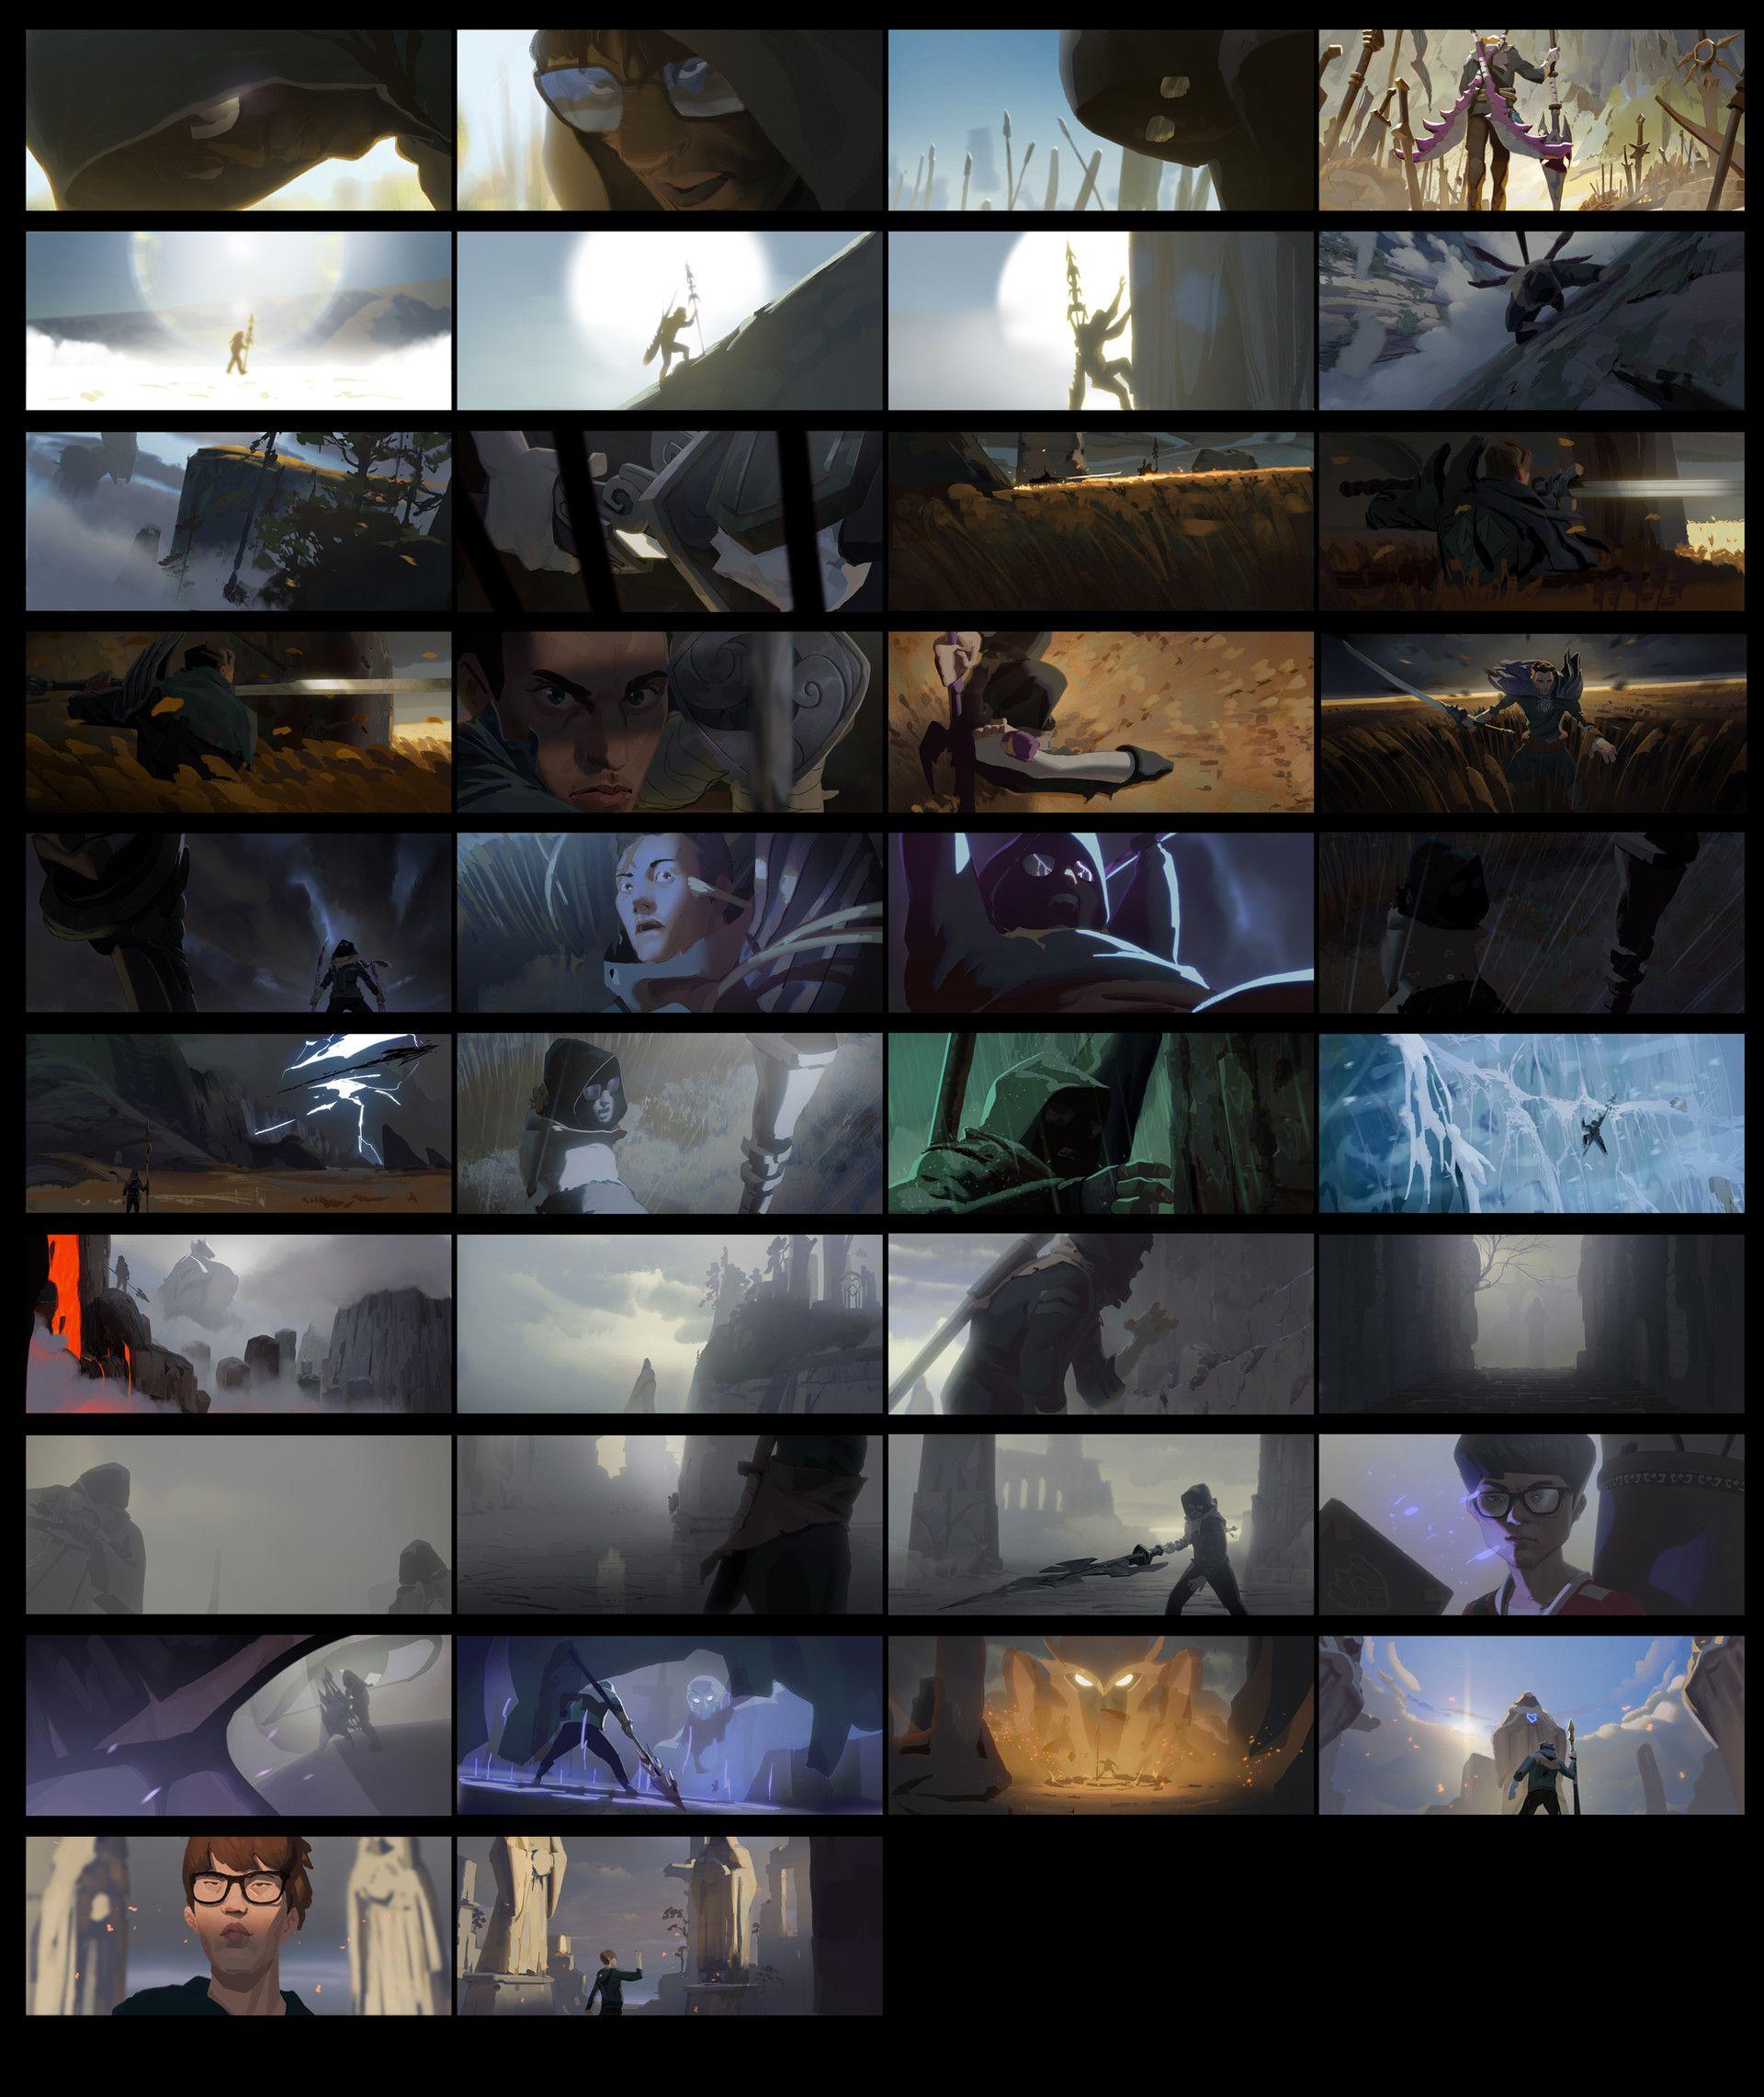 ArtStation - League of Legend 'RISE', Kevin Le Moigne | Life